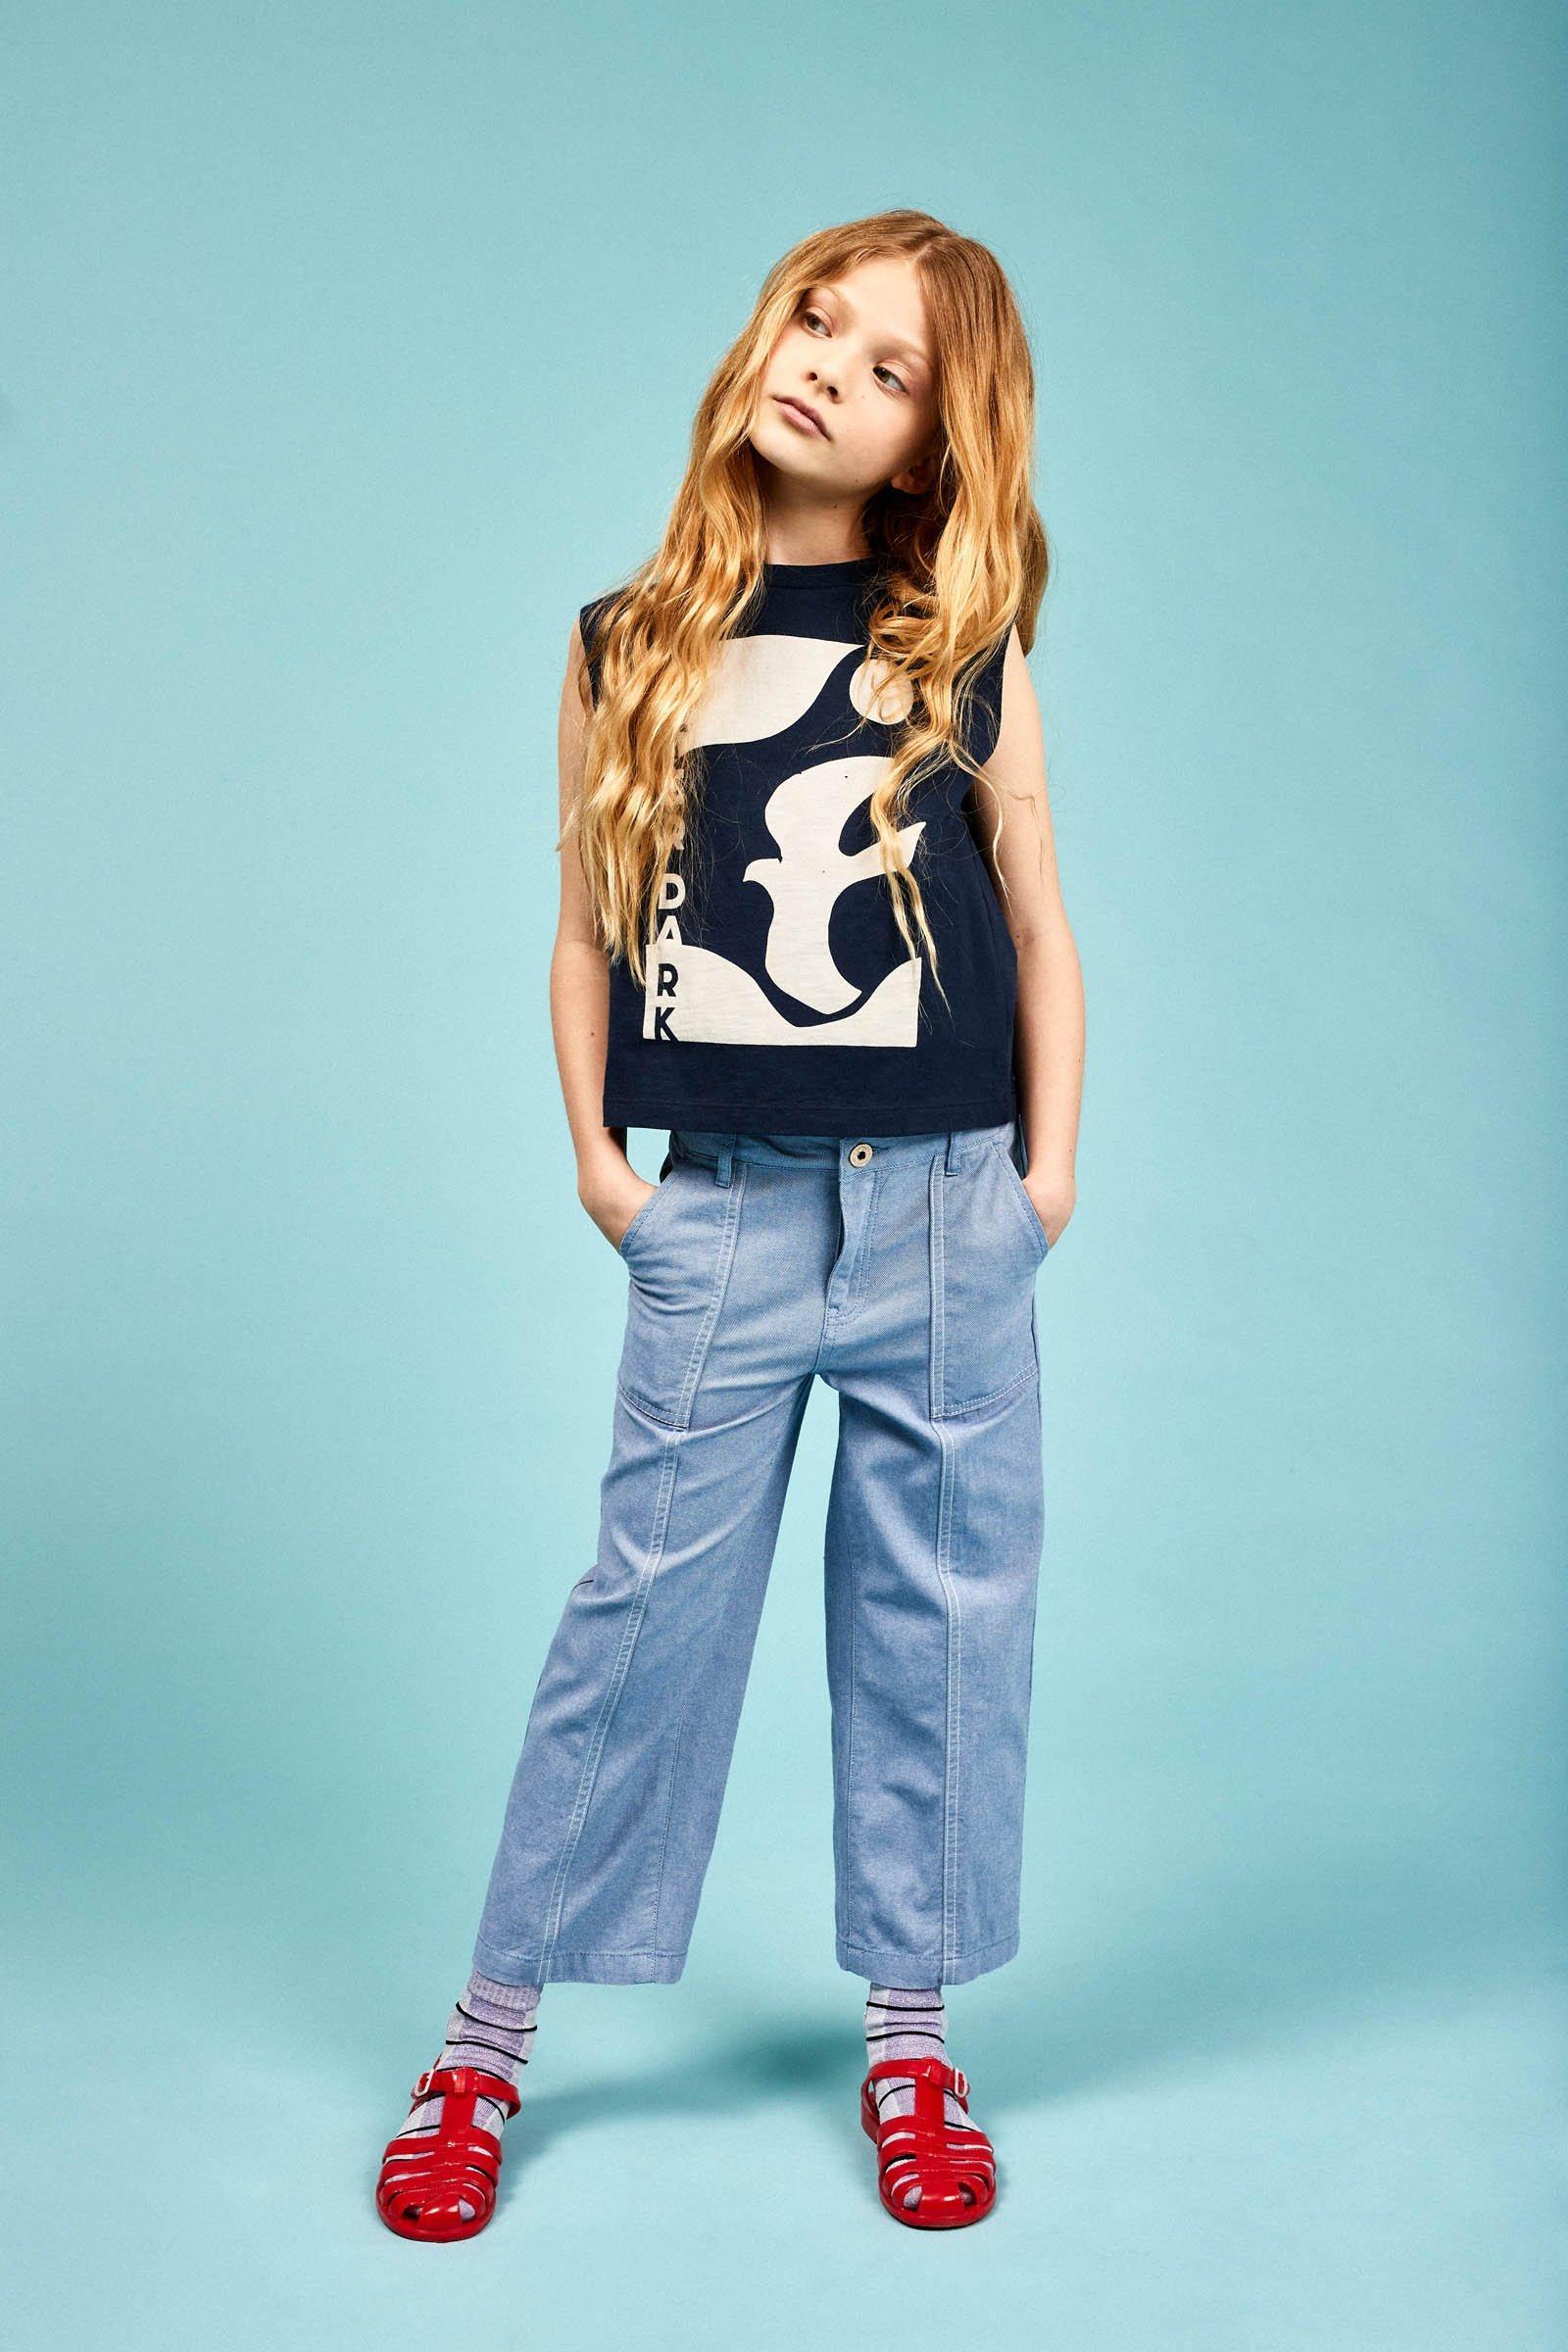 CKS Kids - WACLOO - enkel broek - blauw